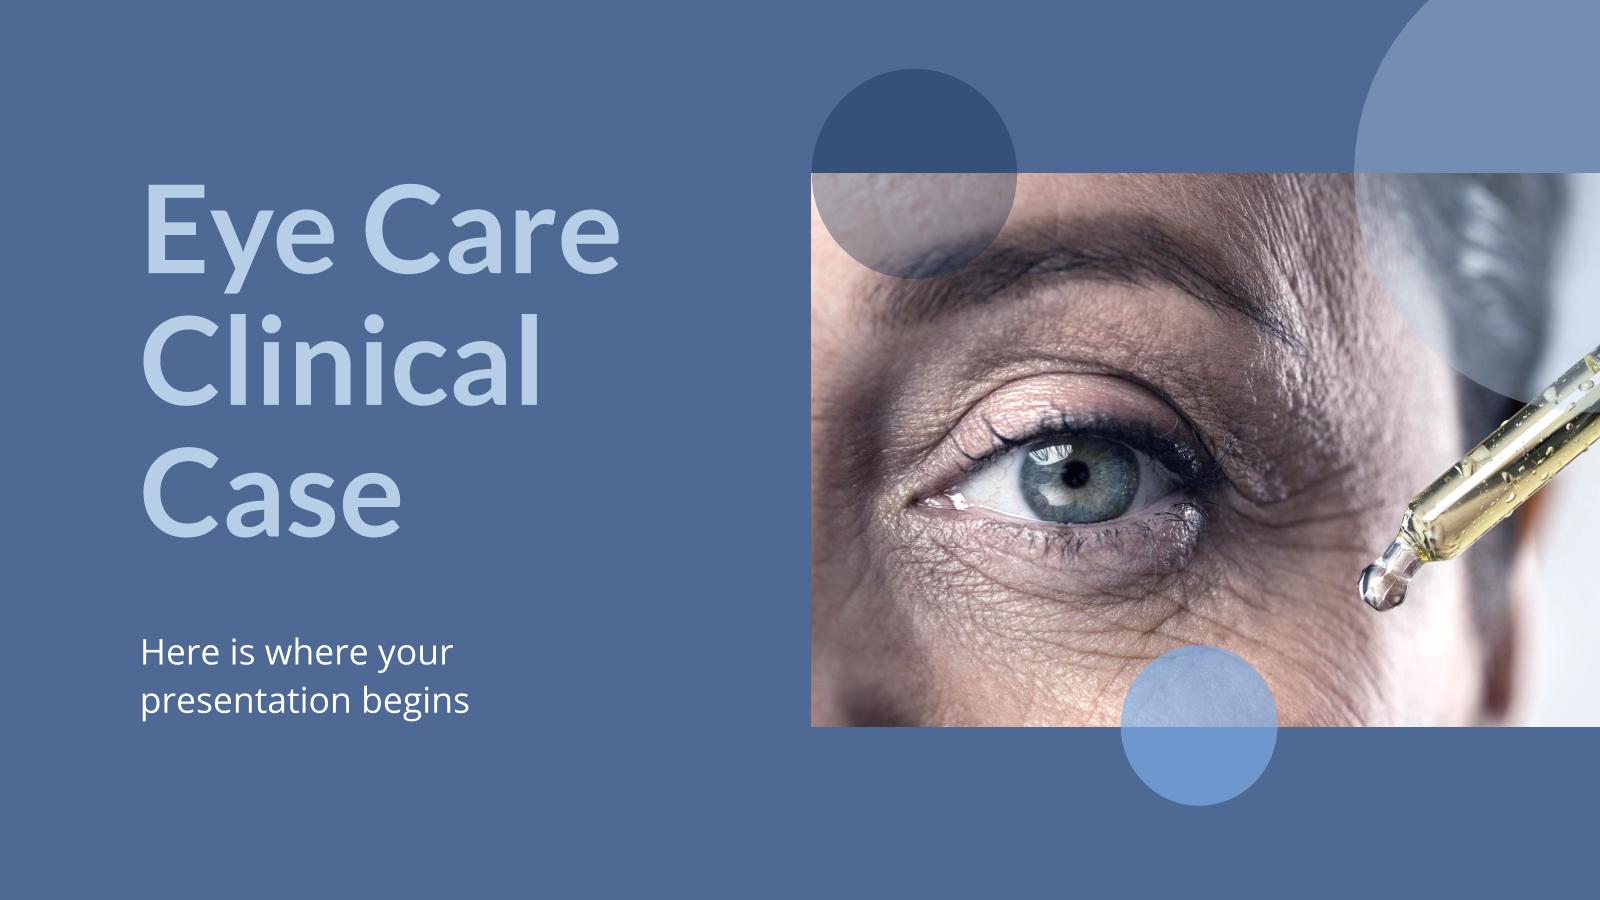 Plantilla de presentación Caso clínico de oftalmología